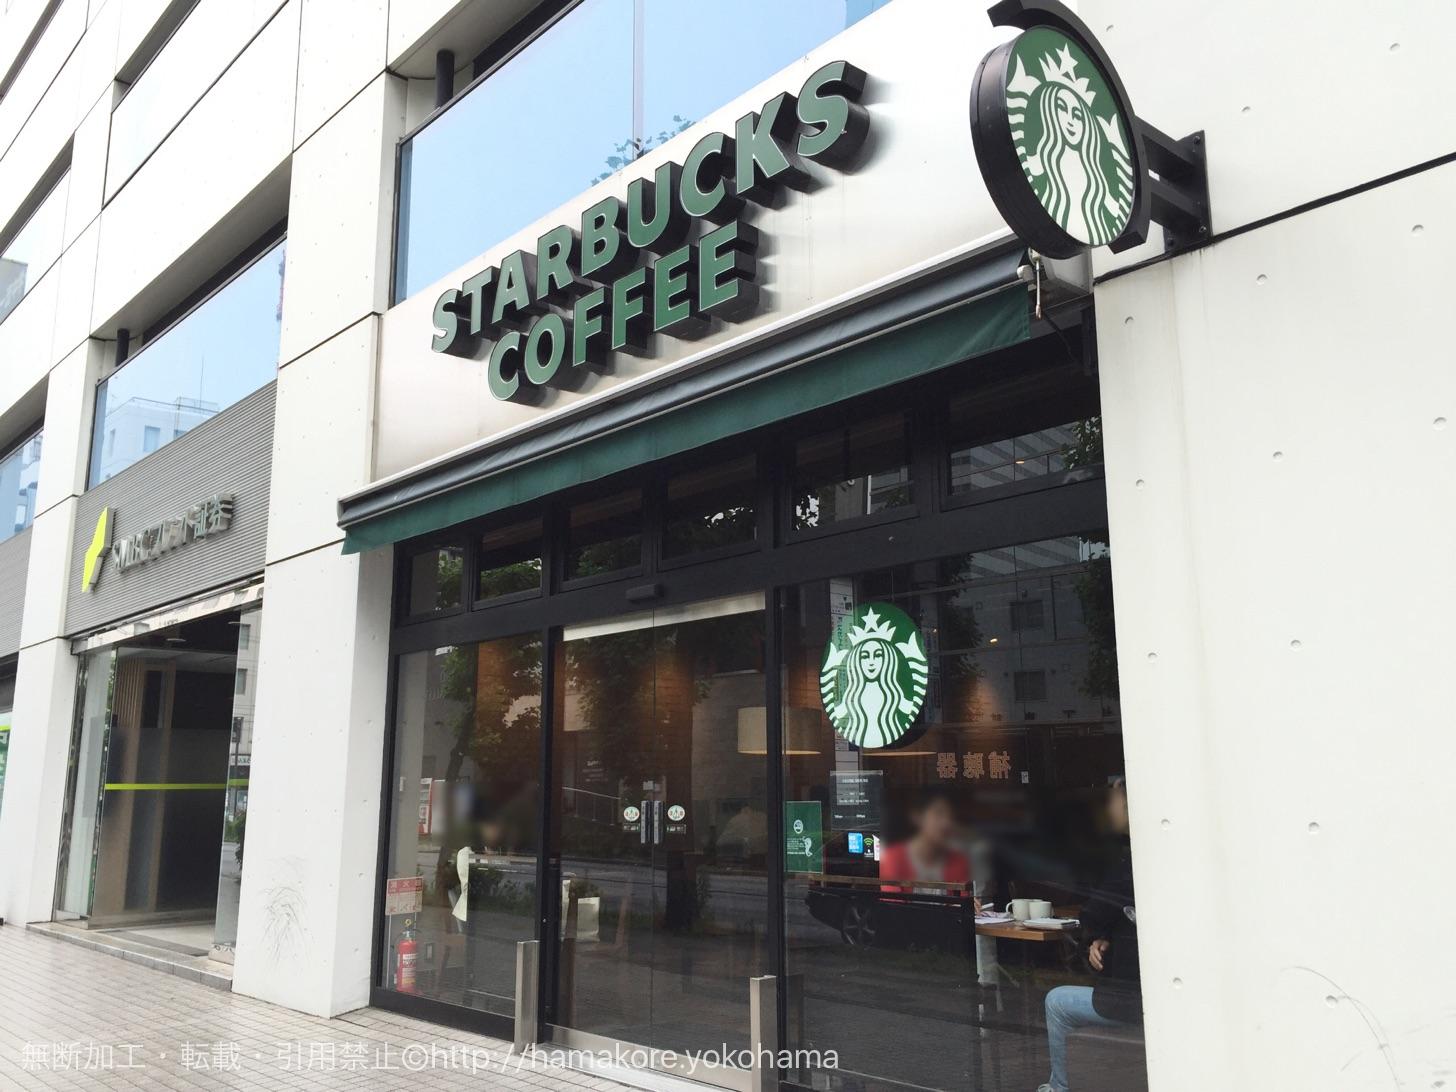 スターバックス 横浜北幸店に関する情報